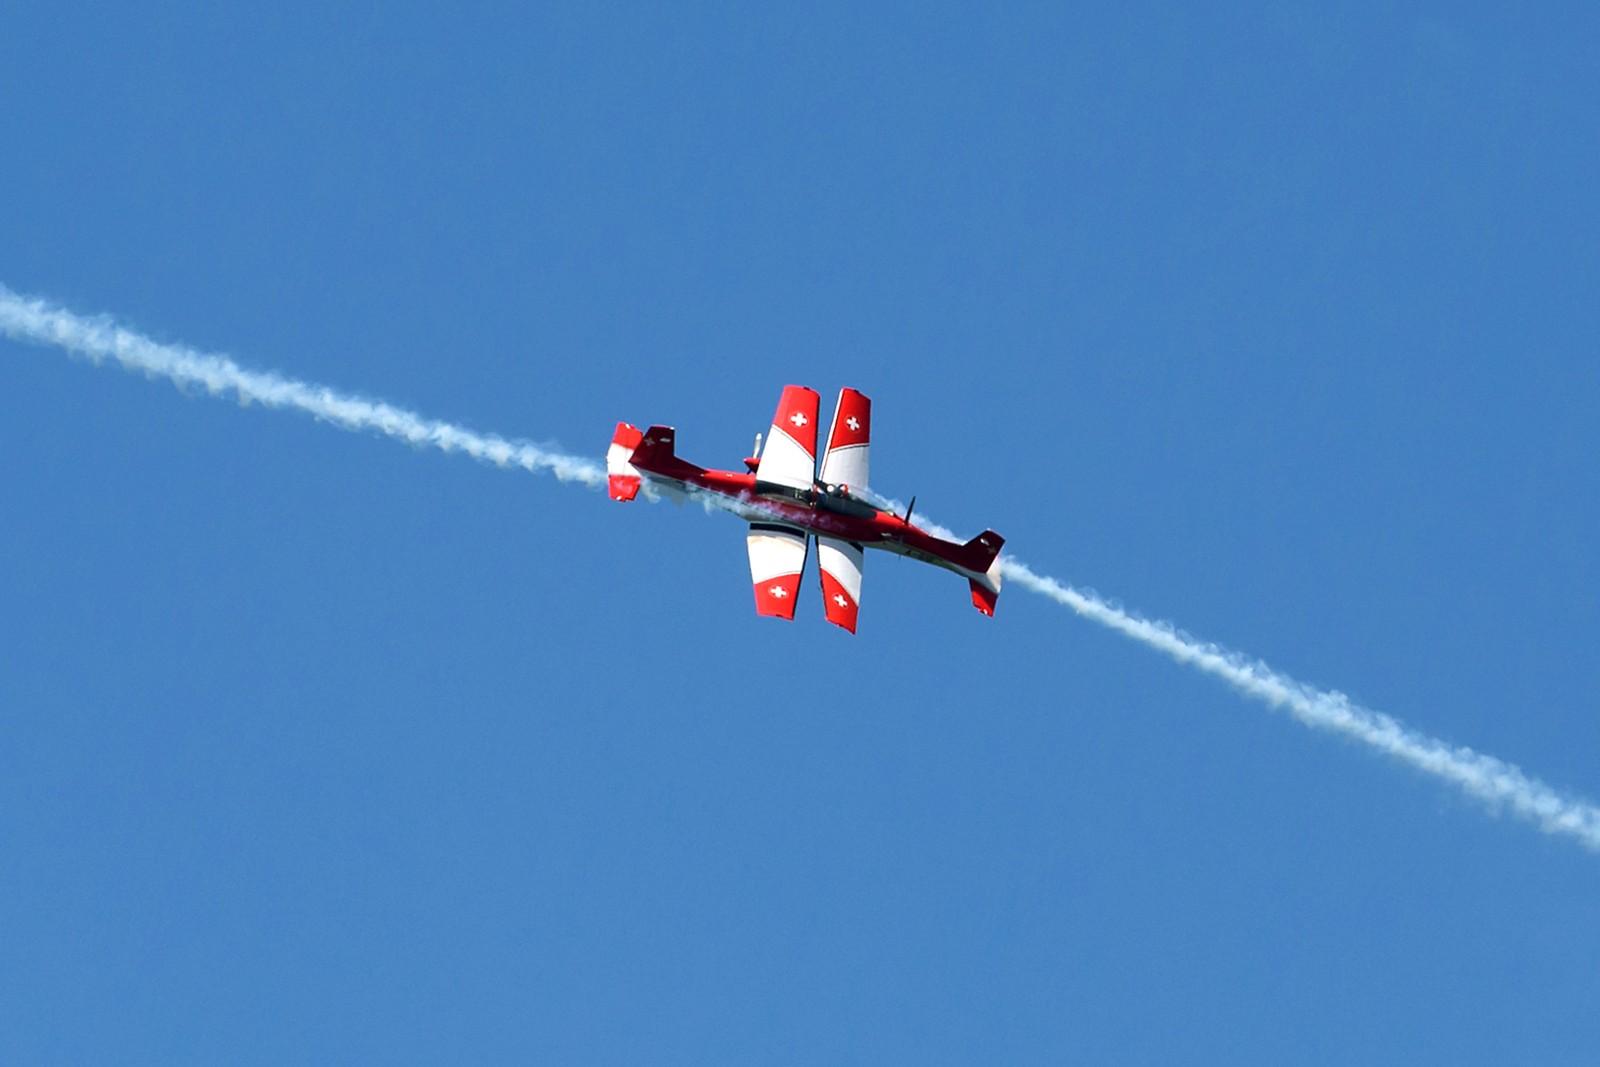 Luftakrobater, som tilhører det sveitsiske flyvåpenet, krysser hverandre under en oppvisning før finalen i tennisturneringen Swiss Open. Flyene er av typen Pilatus PC-7.